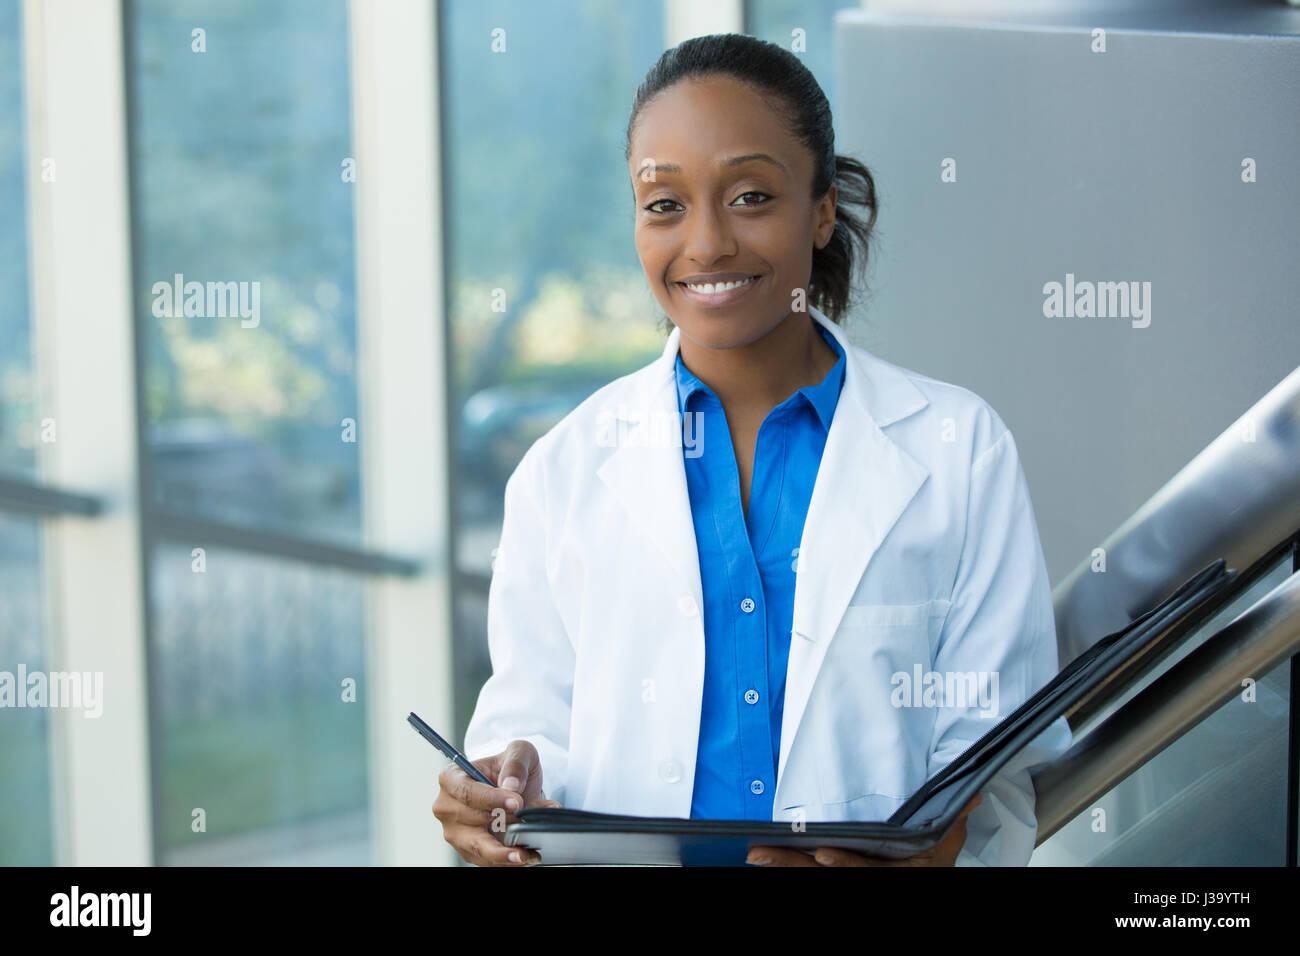 Closeup portrait portrait de friendly, smiling confident female doctor, professionnel de la santé avec labcoat, enclos à face et holding notebook Banque D'Images